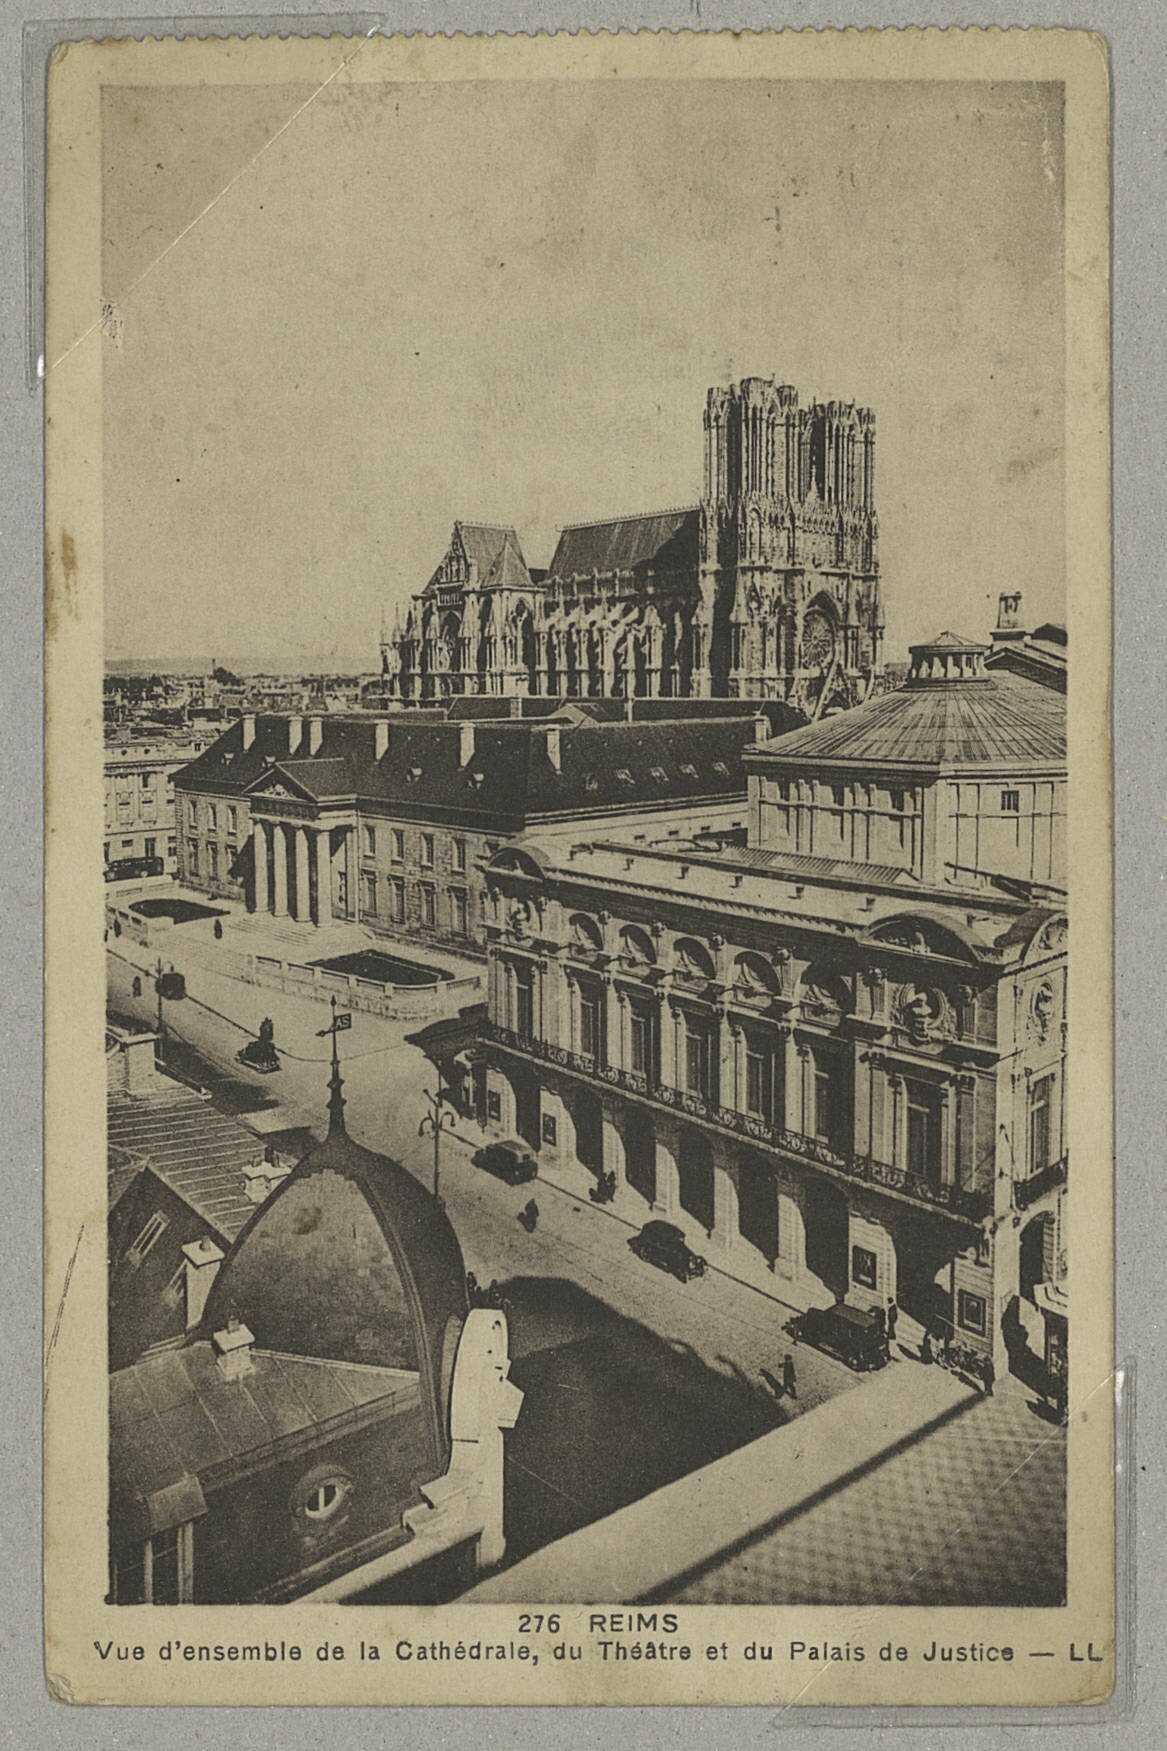 REIMS. 276. Vue d'ensemble de la Cathédrale, du Théâtre et du Palais de Justice. L.L.